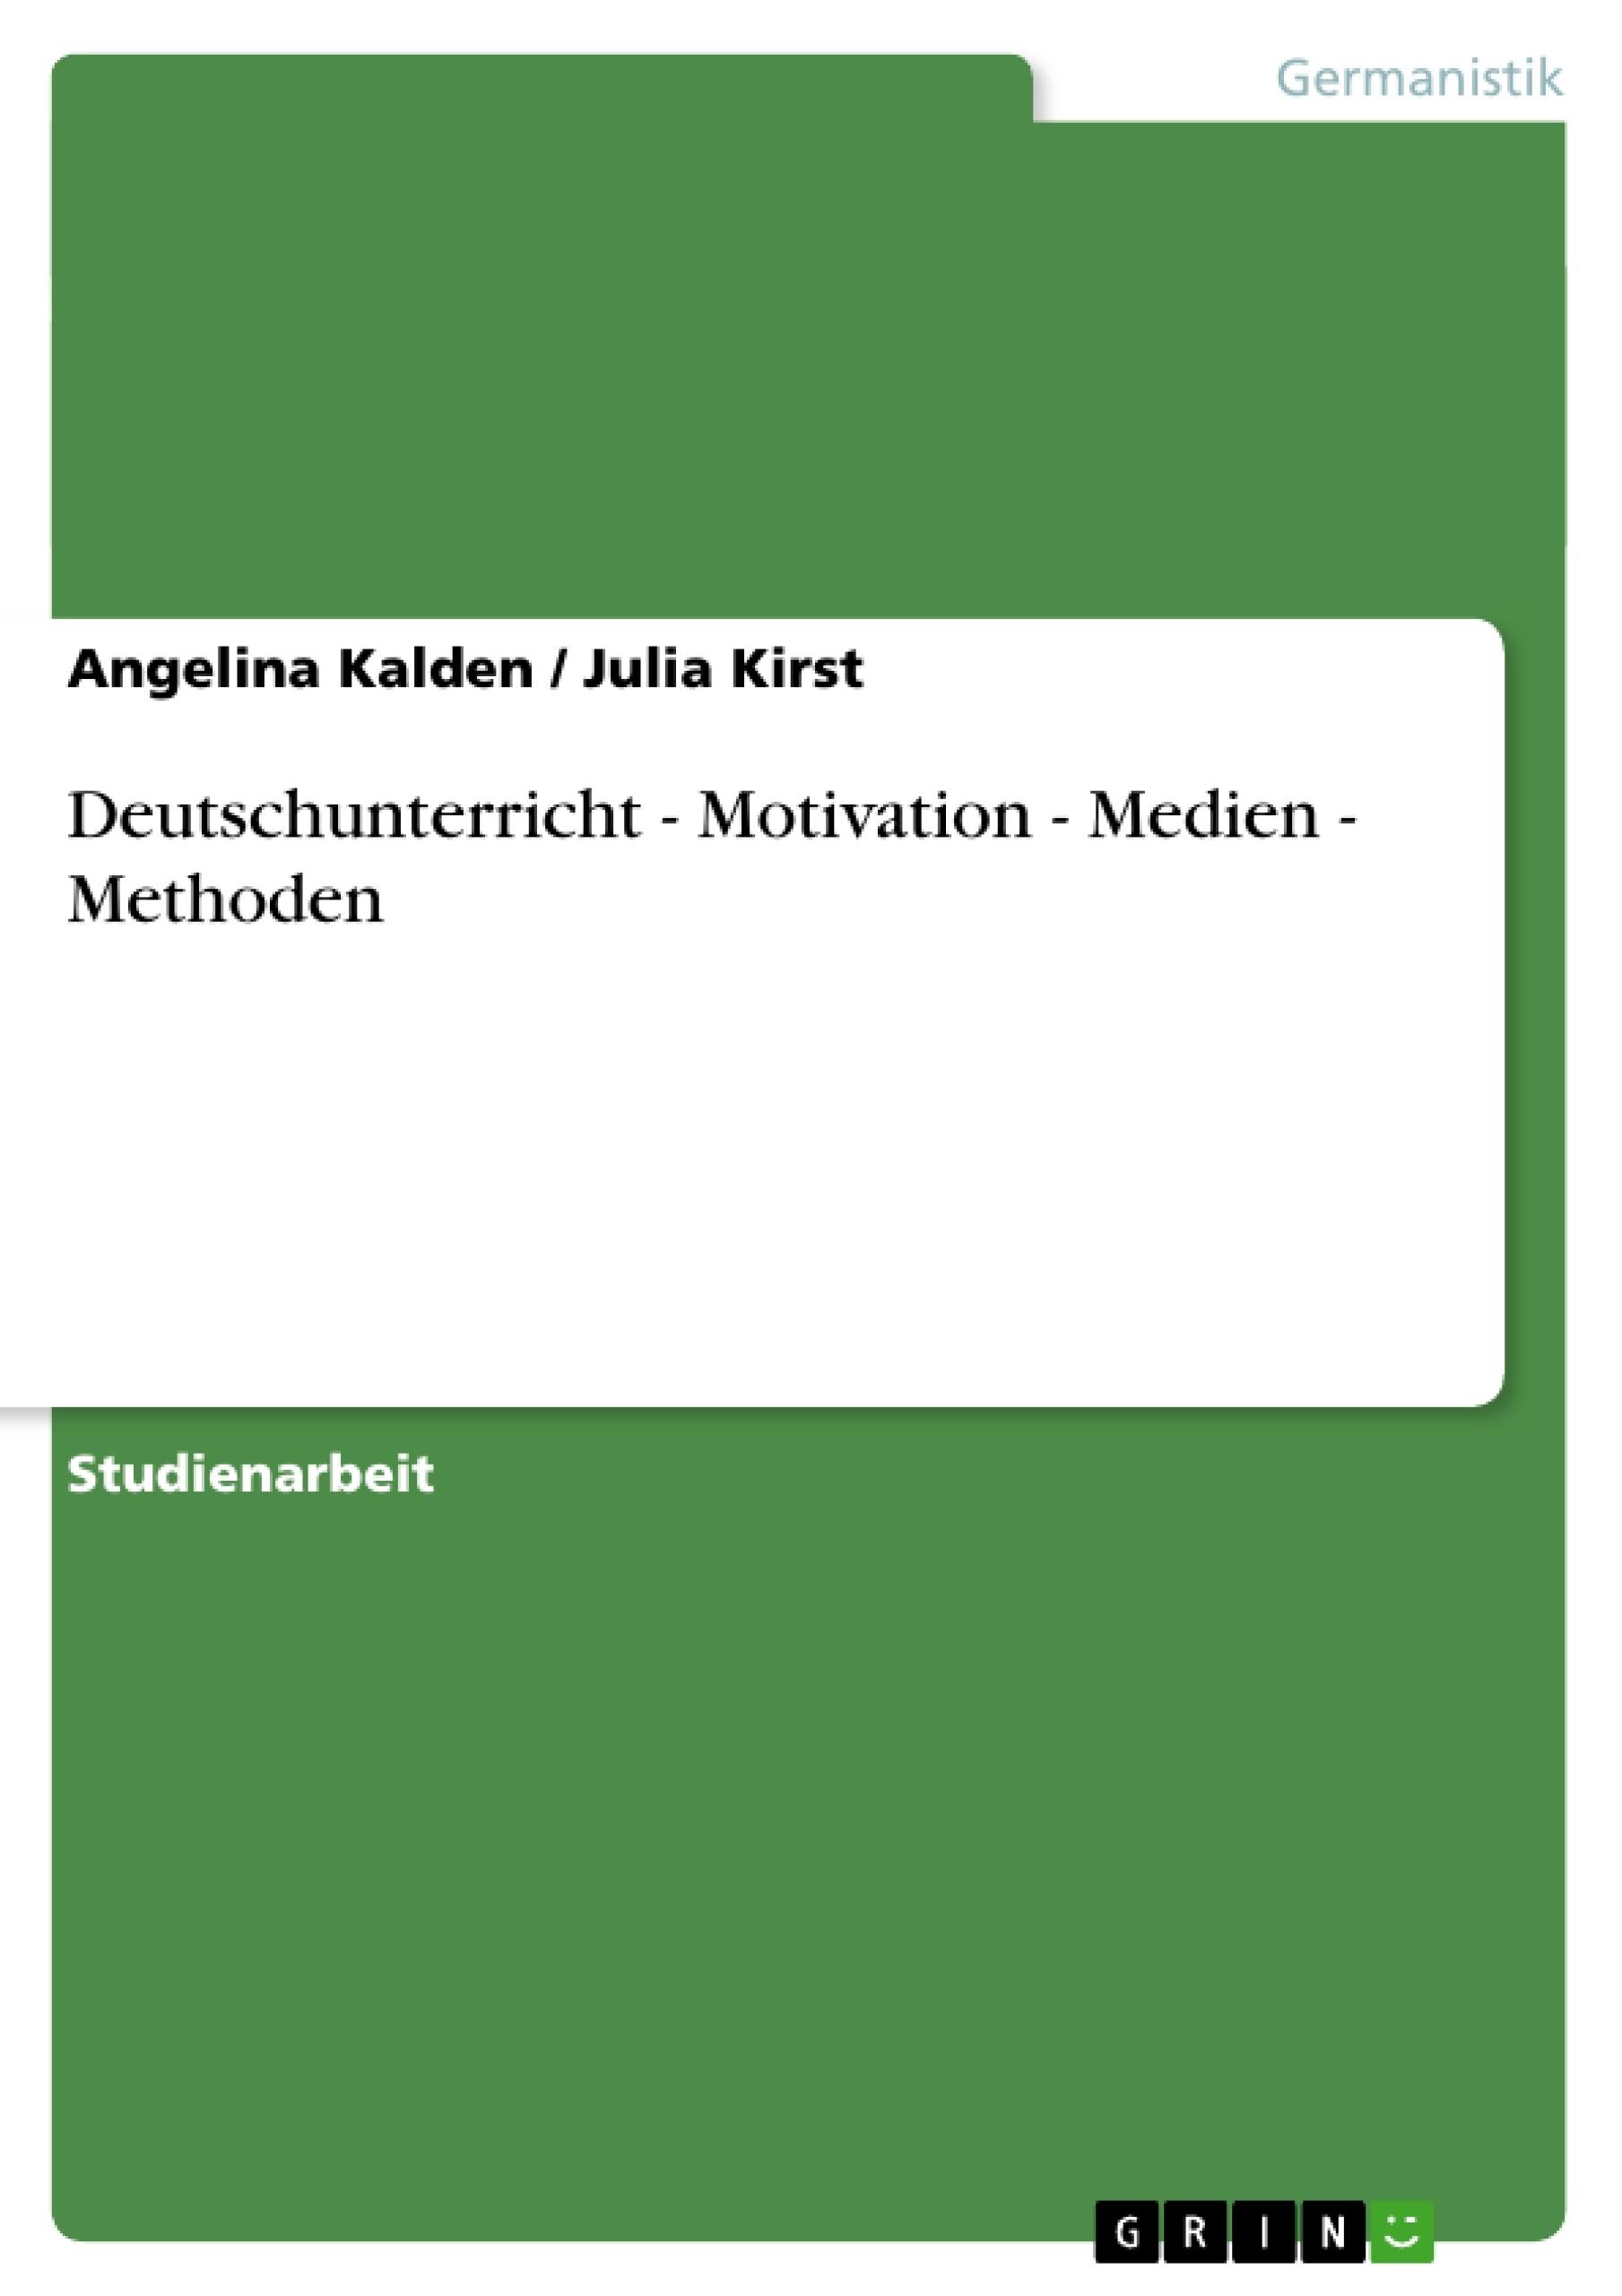 Titel: Deutschunterricht - Motivation - Medien - Methoden